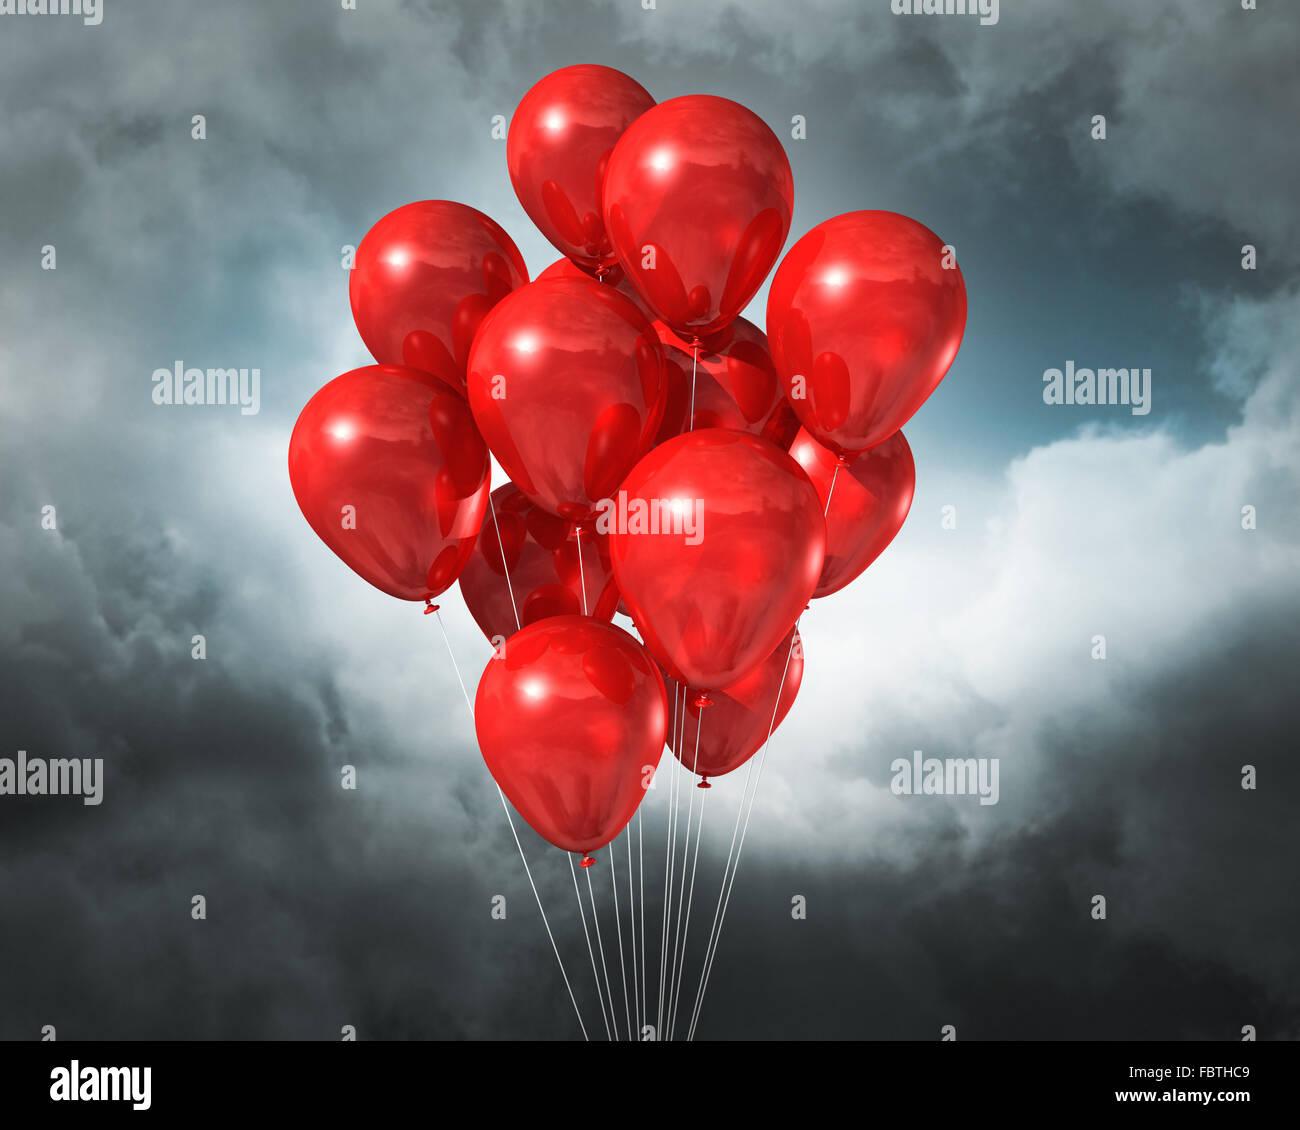 Globos rojos en un nublado cielo espectacular Imagen De Stock